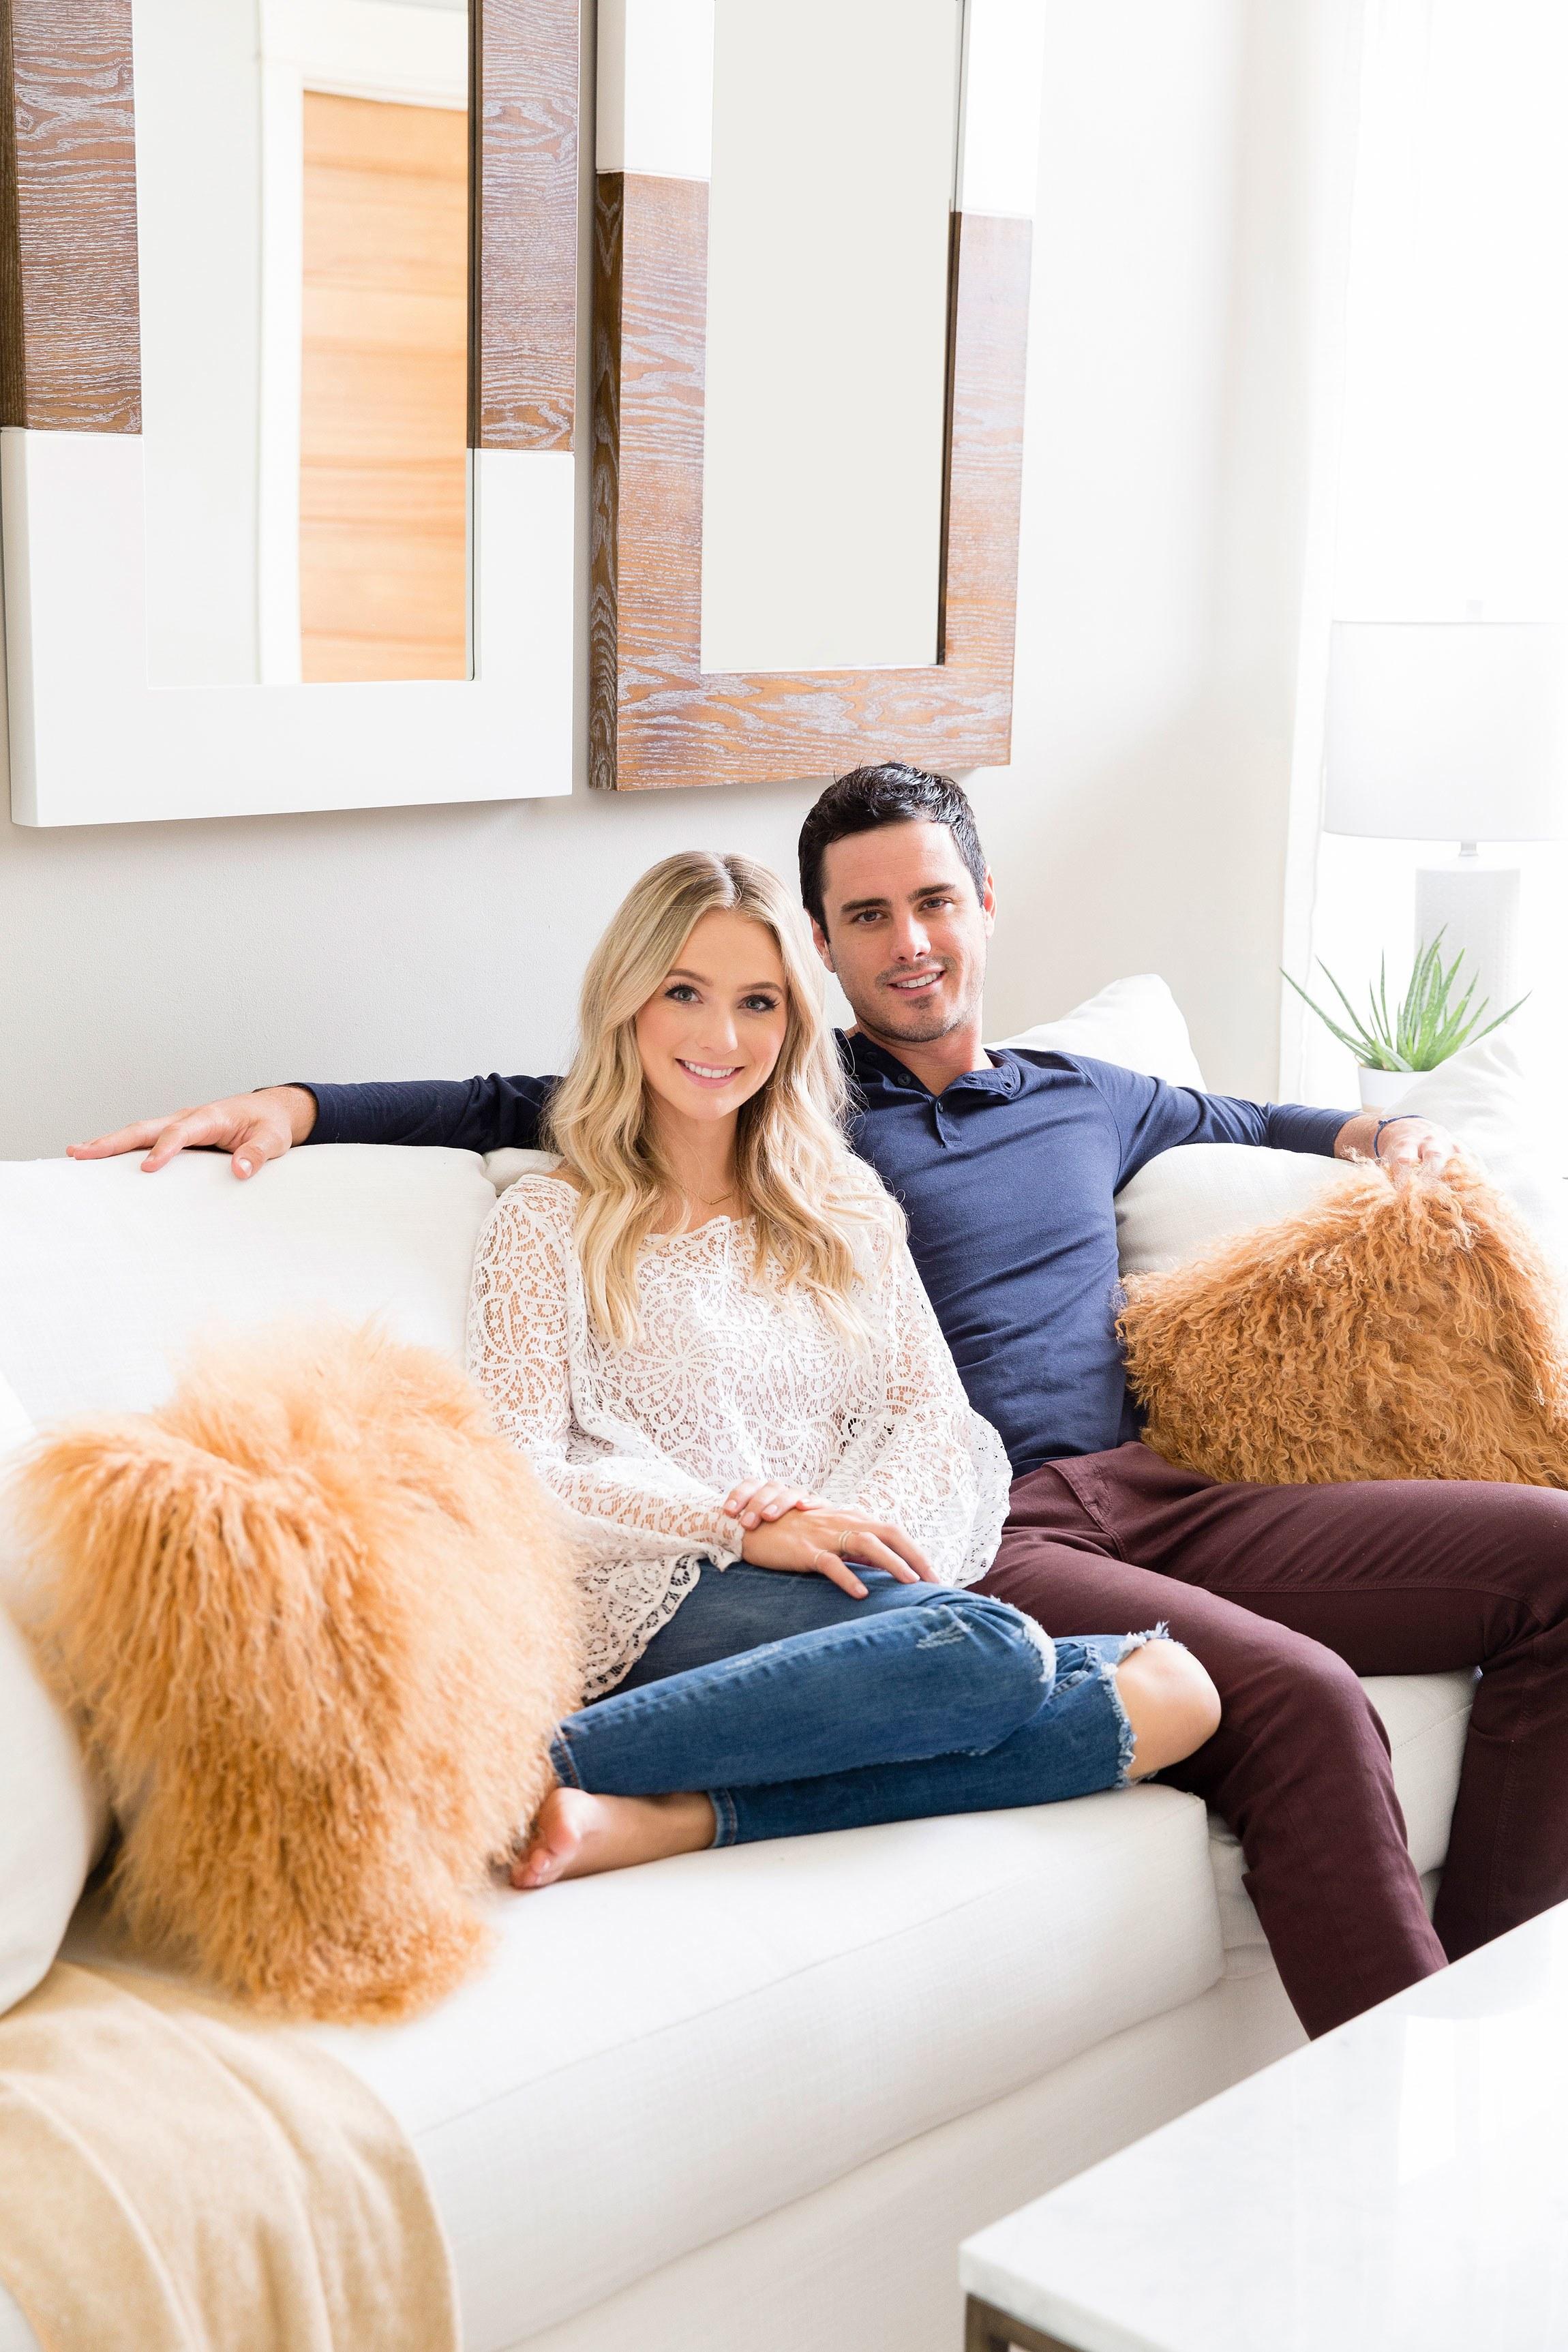 Lauren Bushnell and Ben Higgins home